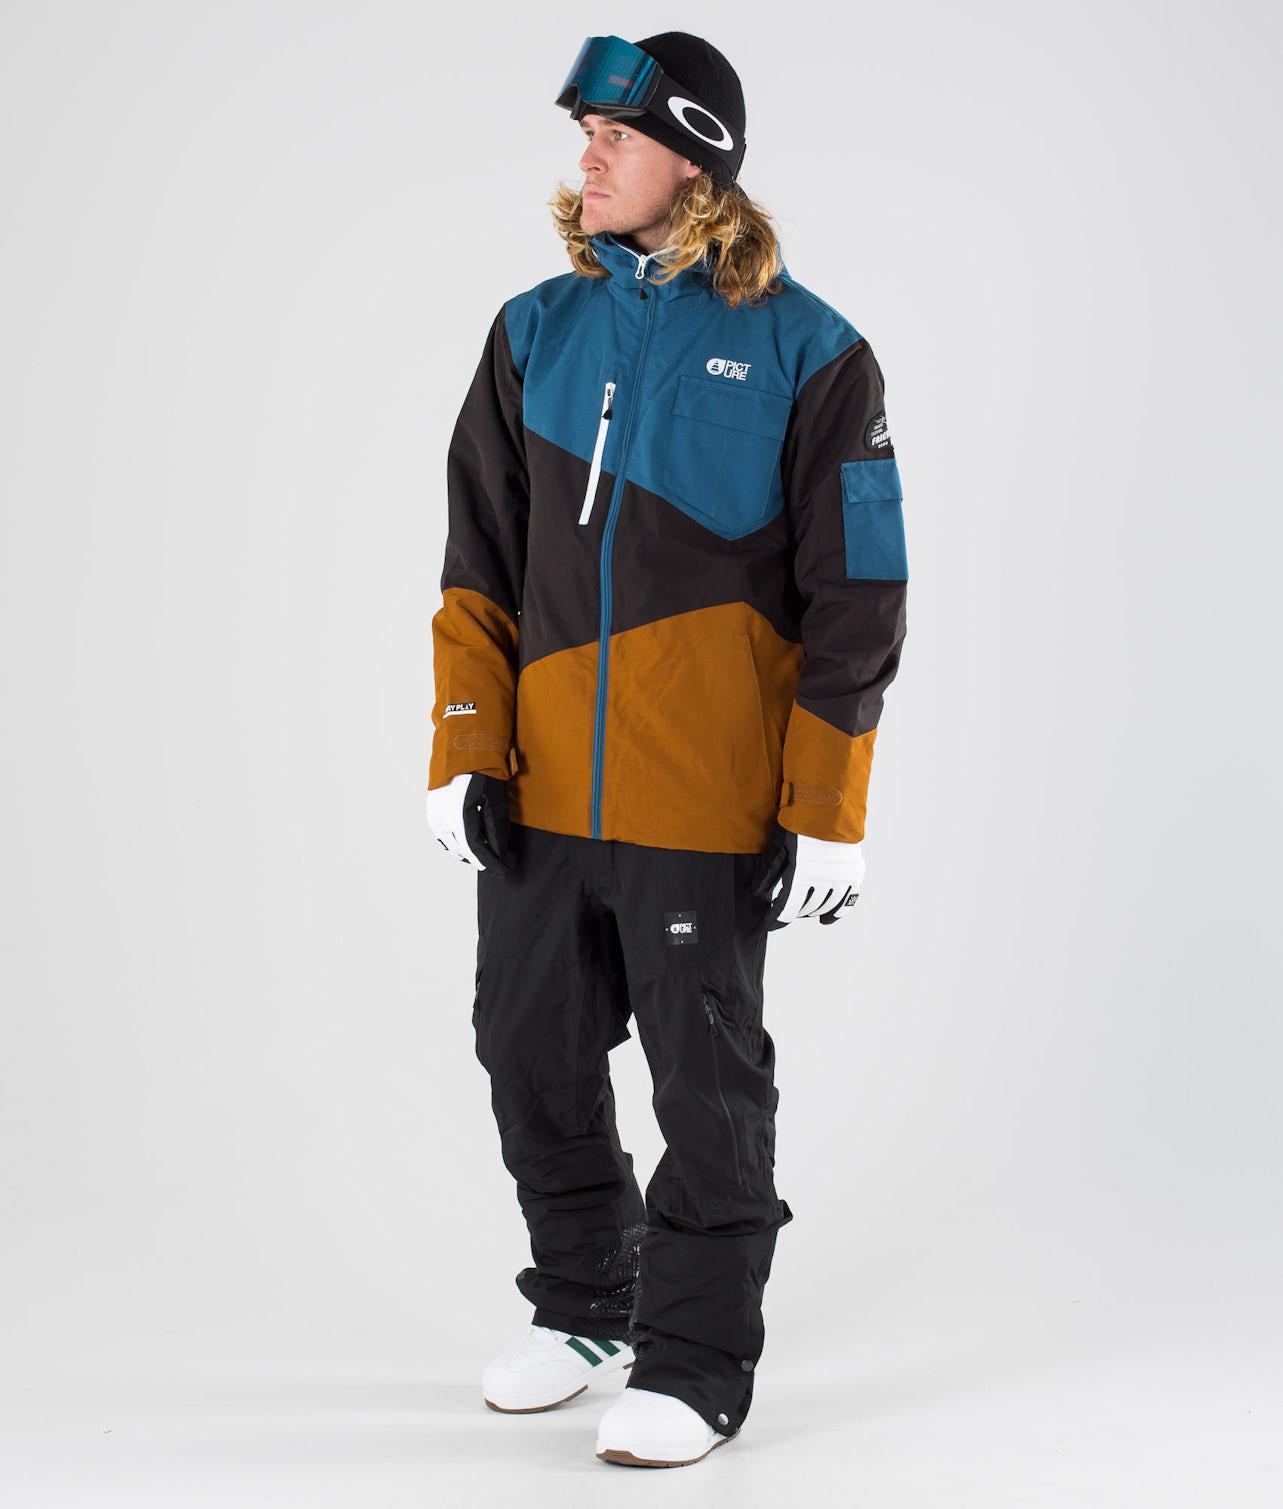 Kjøp Styler Snowboardjakke fra Picture på Ridestore.no - Hos oss har du alltid fri frakt, fri retur og 30 dagers åpent kjøp!